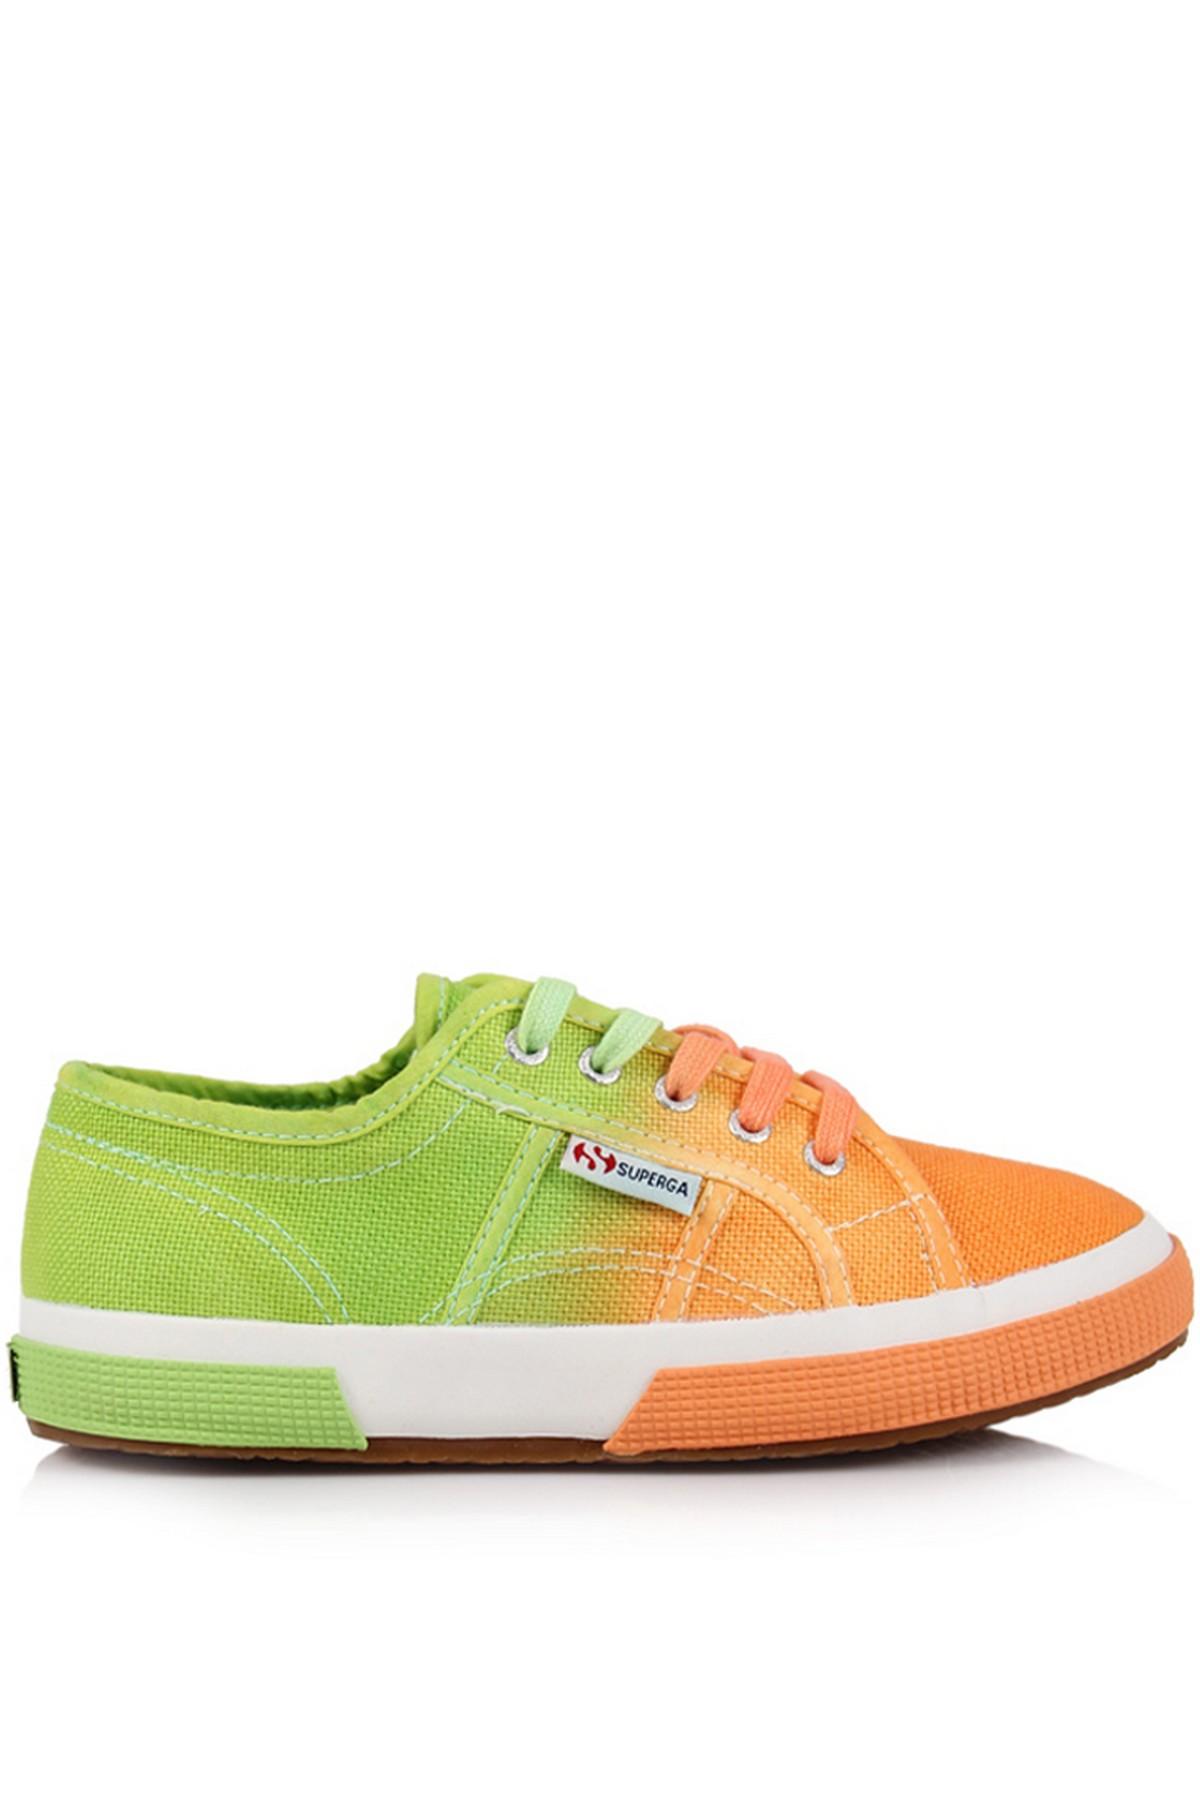 Superga Çocuk Ayakkabı Turuncu-Yeşil Renk 2750 - Cotu Classic (S003360-929)